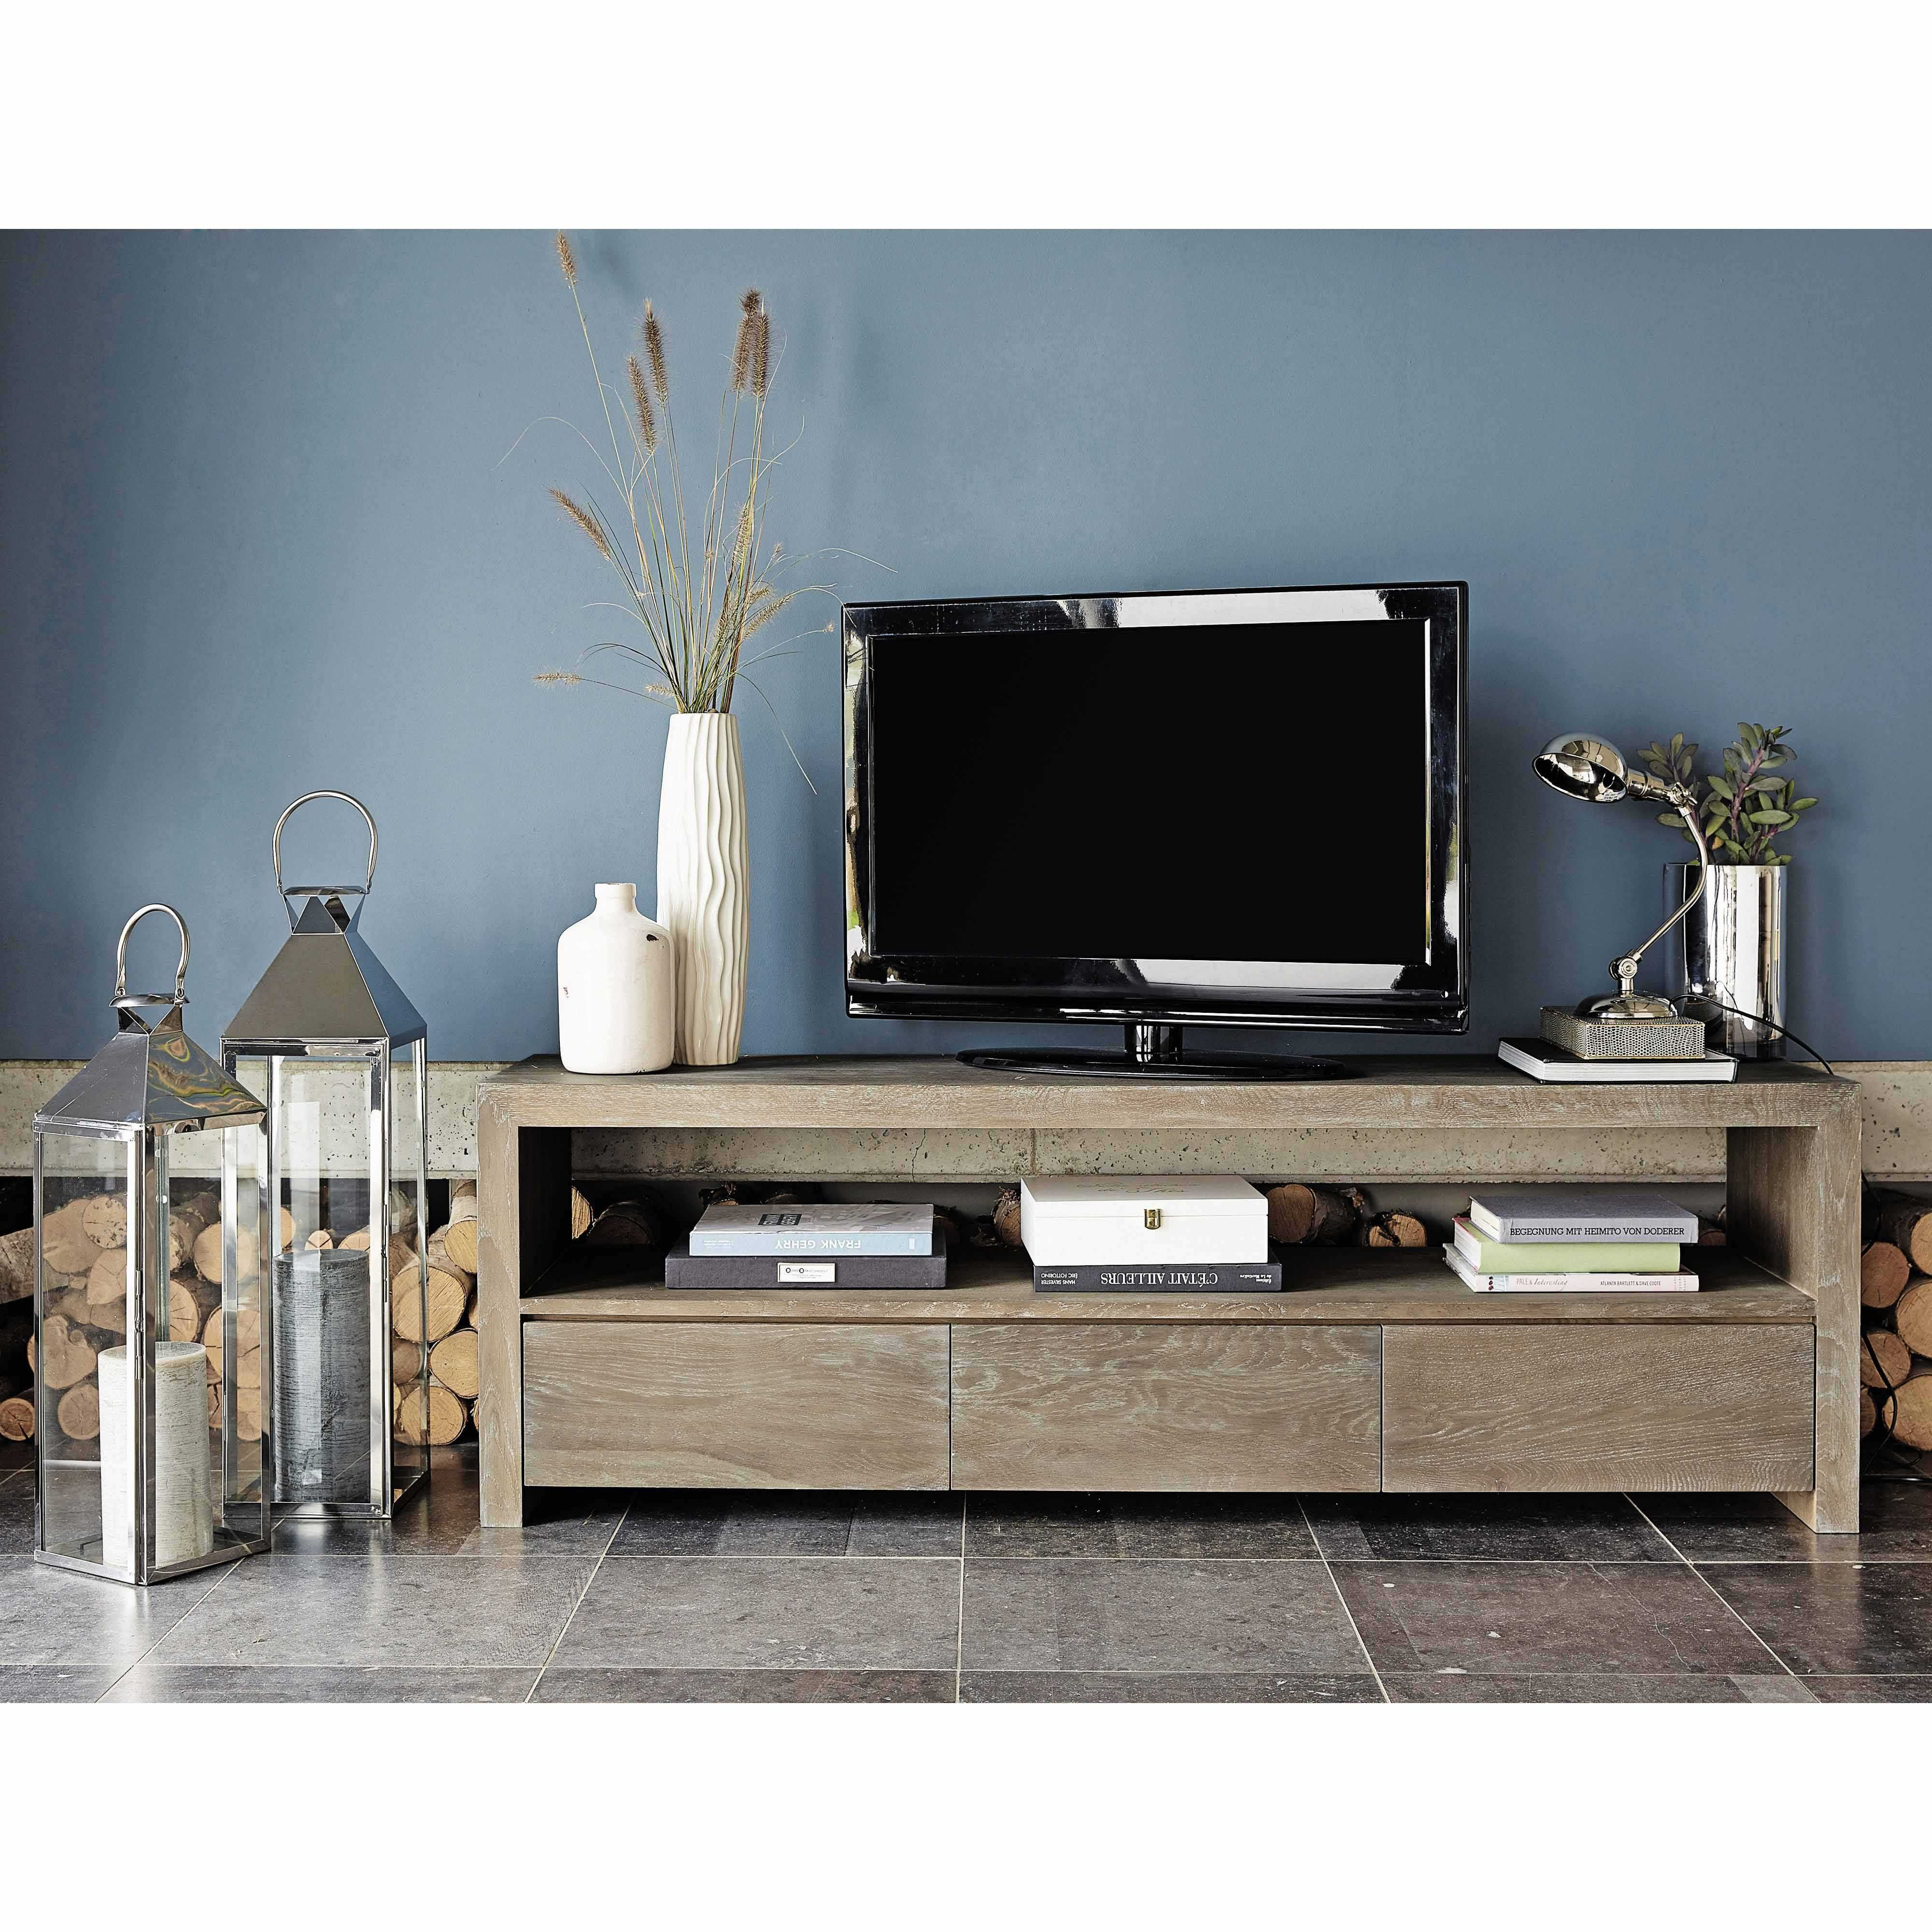 Mueble de tv con 3 cajones muebles de tv tv y roble macizo for Maison du monde 5 bd montmartre